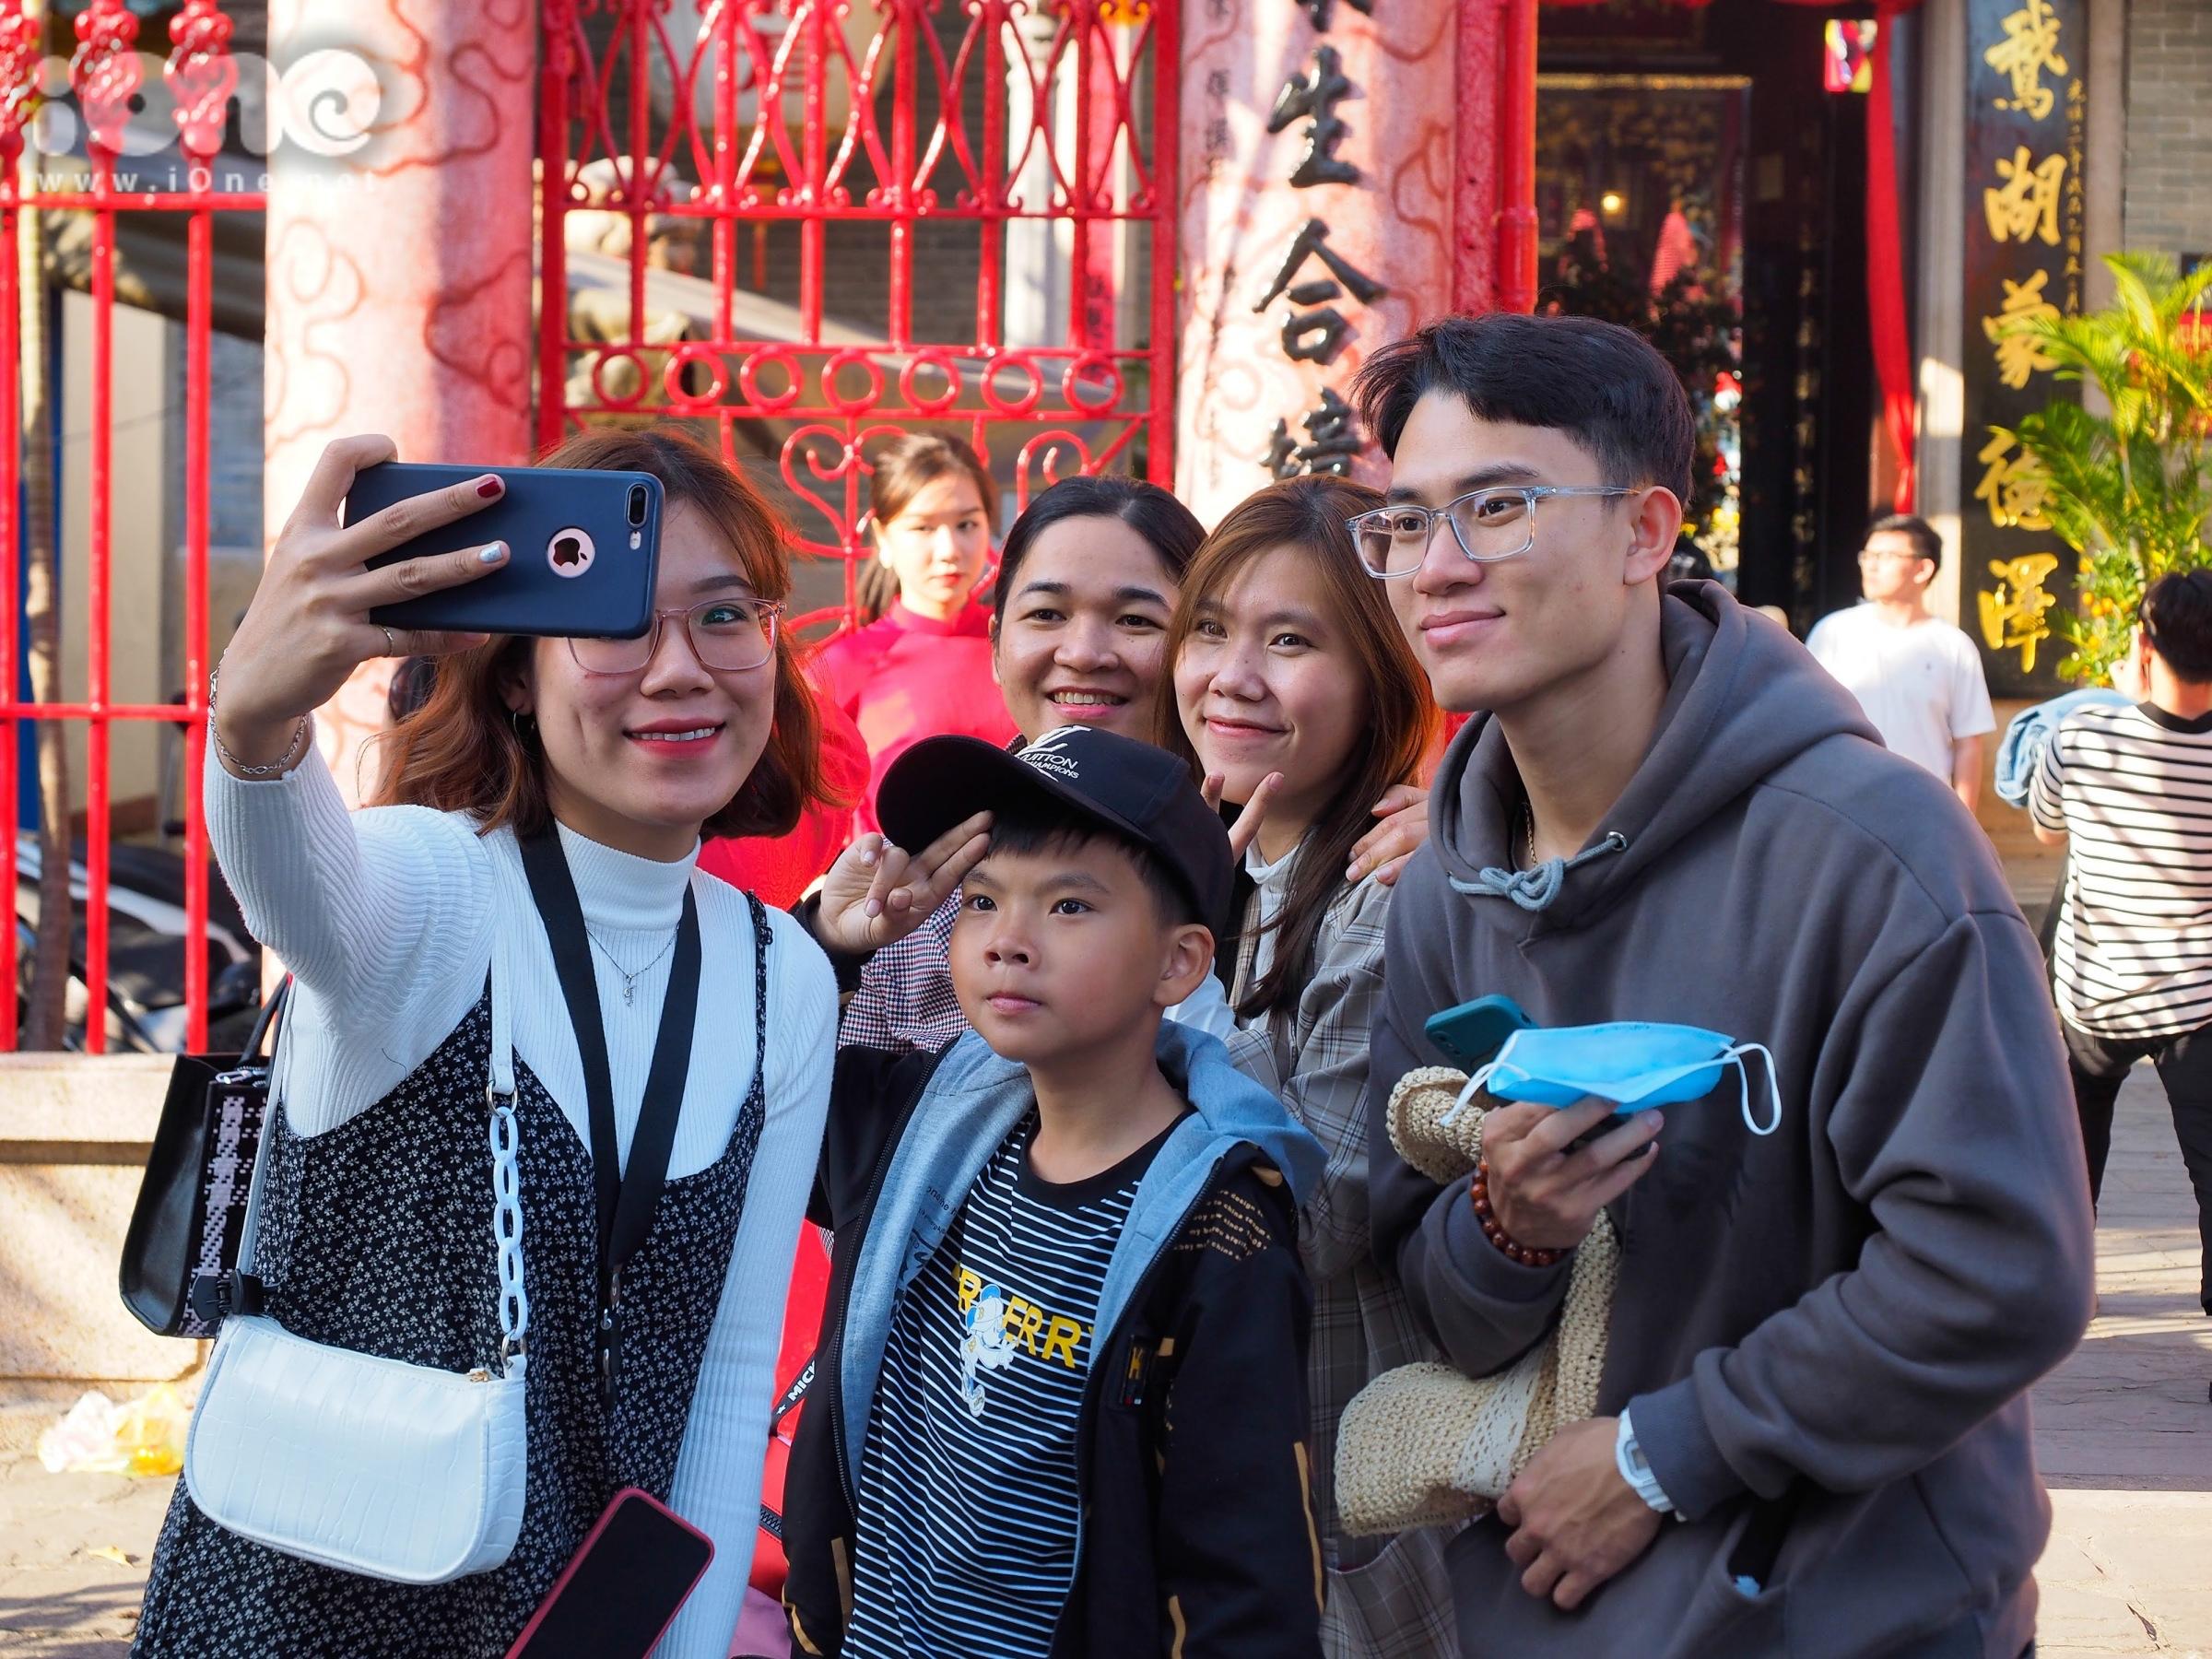 Tại chùa Cầu, Hội quán Quảng Đông, Hội quán Phúc Kiến... hoạt động dâng hương, xin xăm được mở cửa để các nhóm du khách, gia đình dừng chân, thăm viếng.